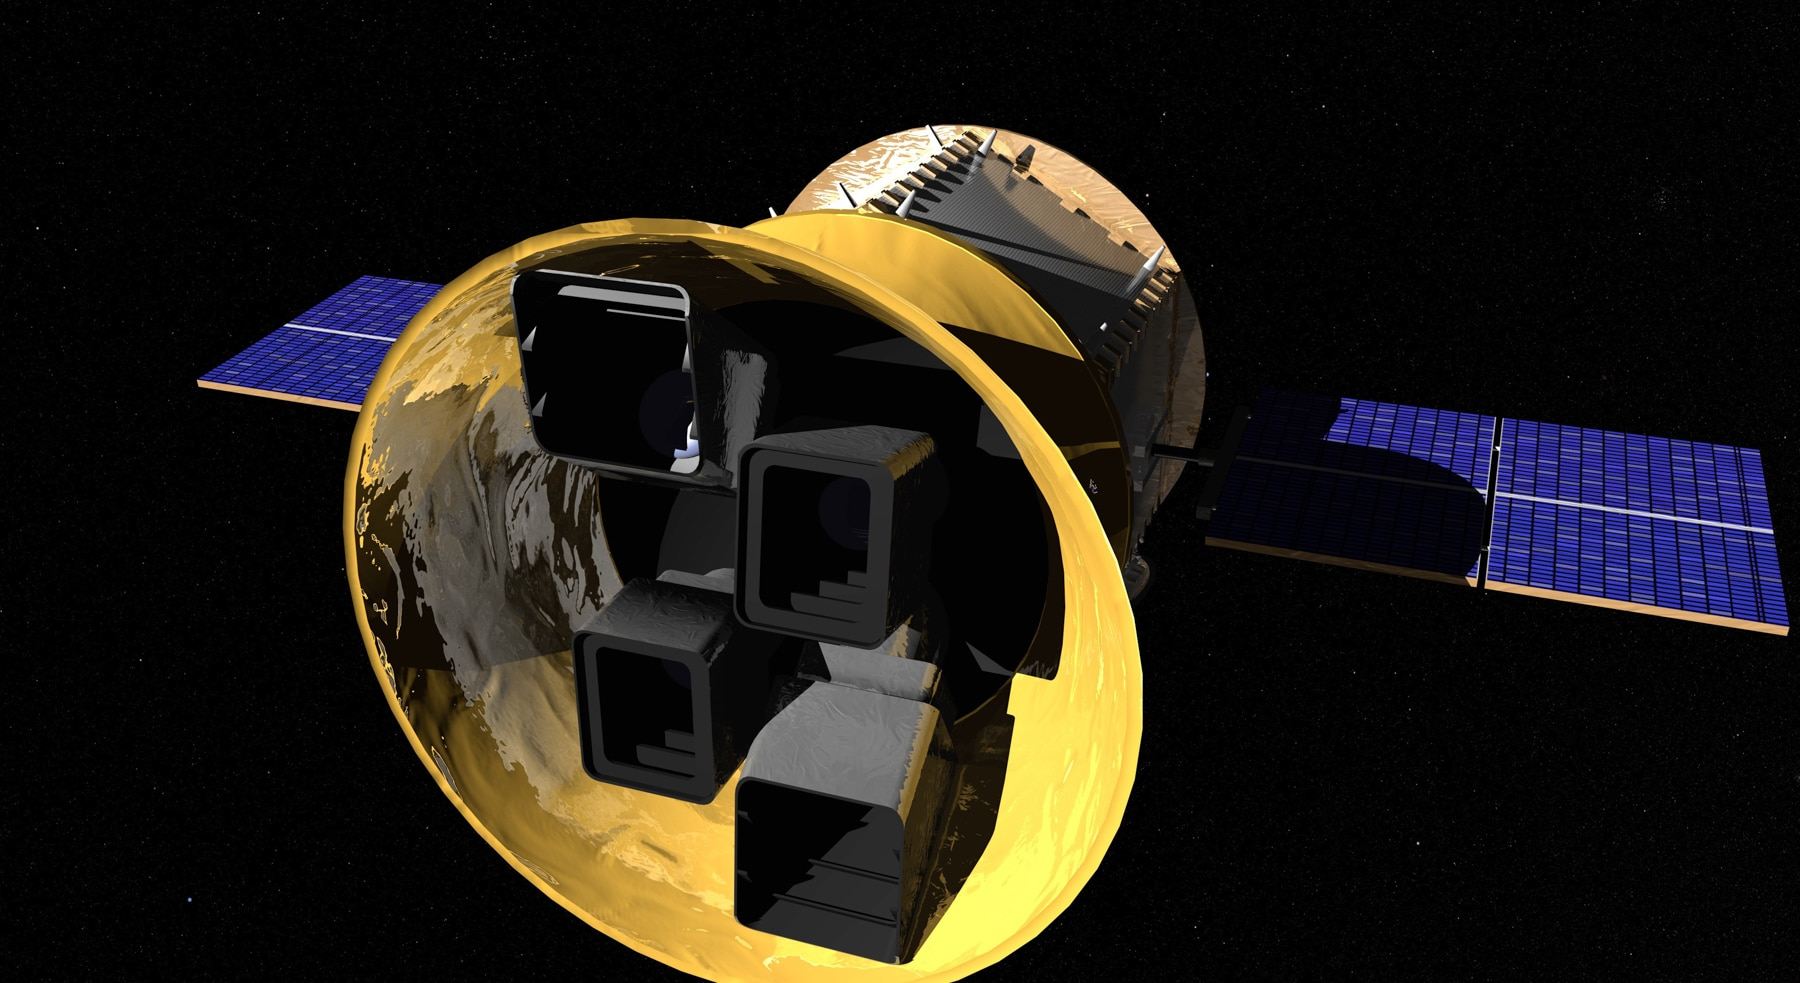 Concepción artística de un telescopio en el espacio (NASA)